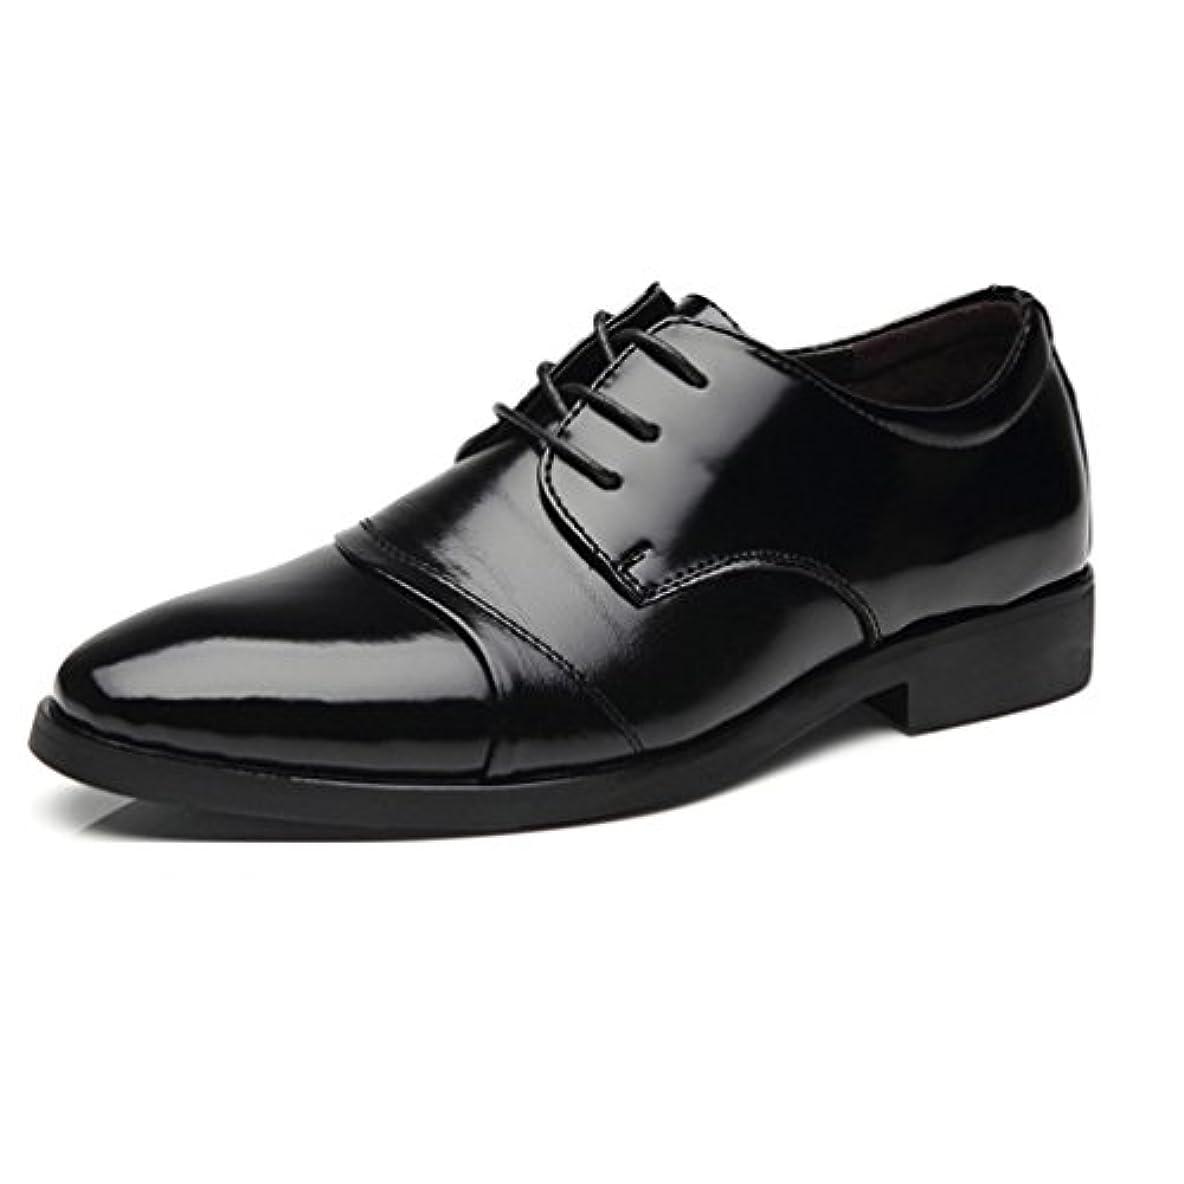 先住民リマーク本物のビジネスシューズ メンズ 紳士靴 ストレートチップ レースアップ ドレスシューズ 内羽根 革靴 レザー 通気性 柔らかい 快適 かっこいいポインテッド ロングノーズ 春夏 男性靴 就活 結婚式 黒ブラック/ブラワン